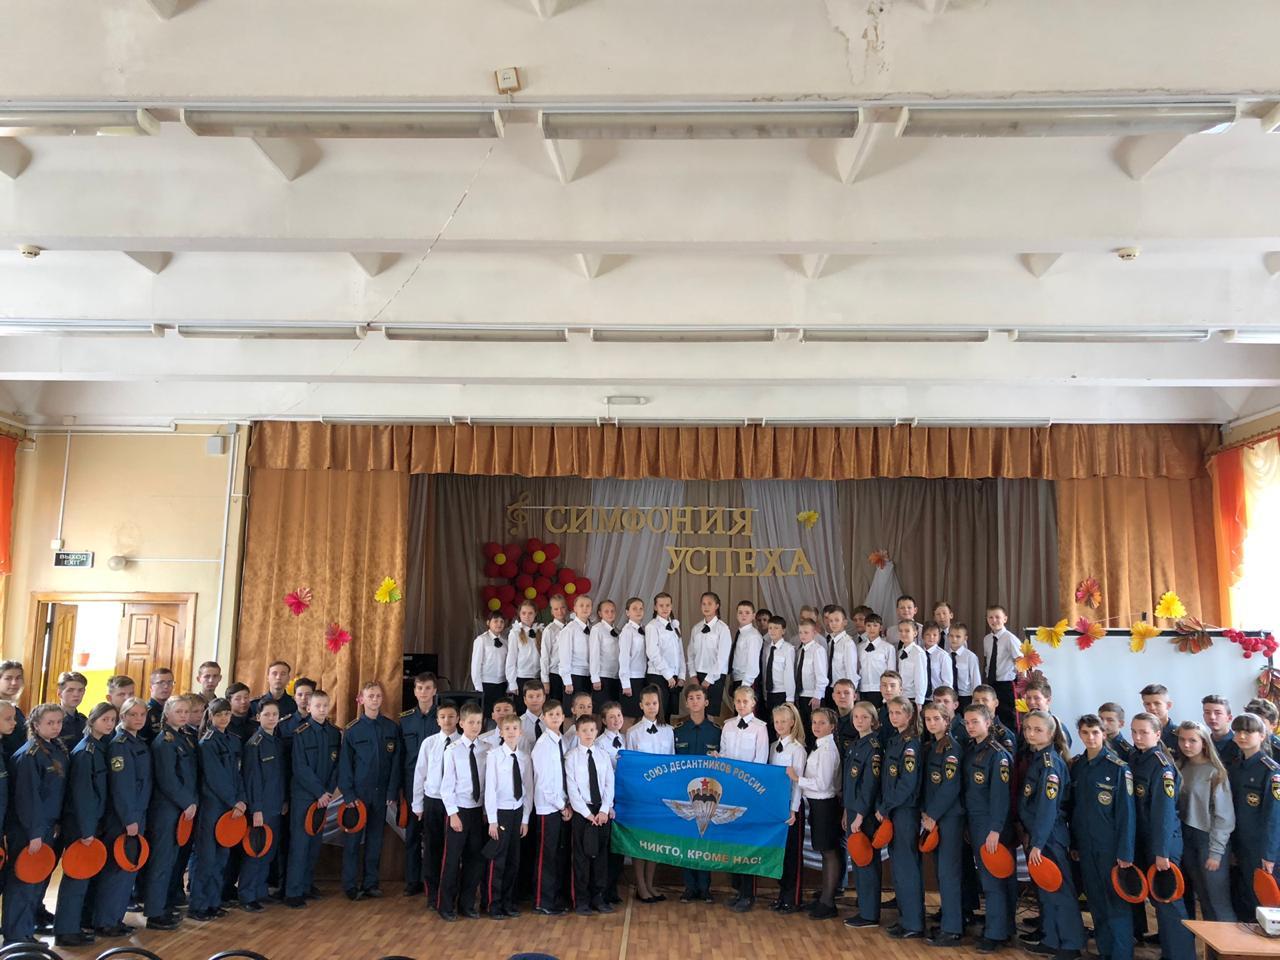 Урок Мужества для кадетов 18 Школы имени Маршала Василевского